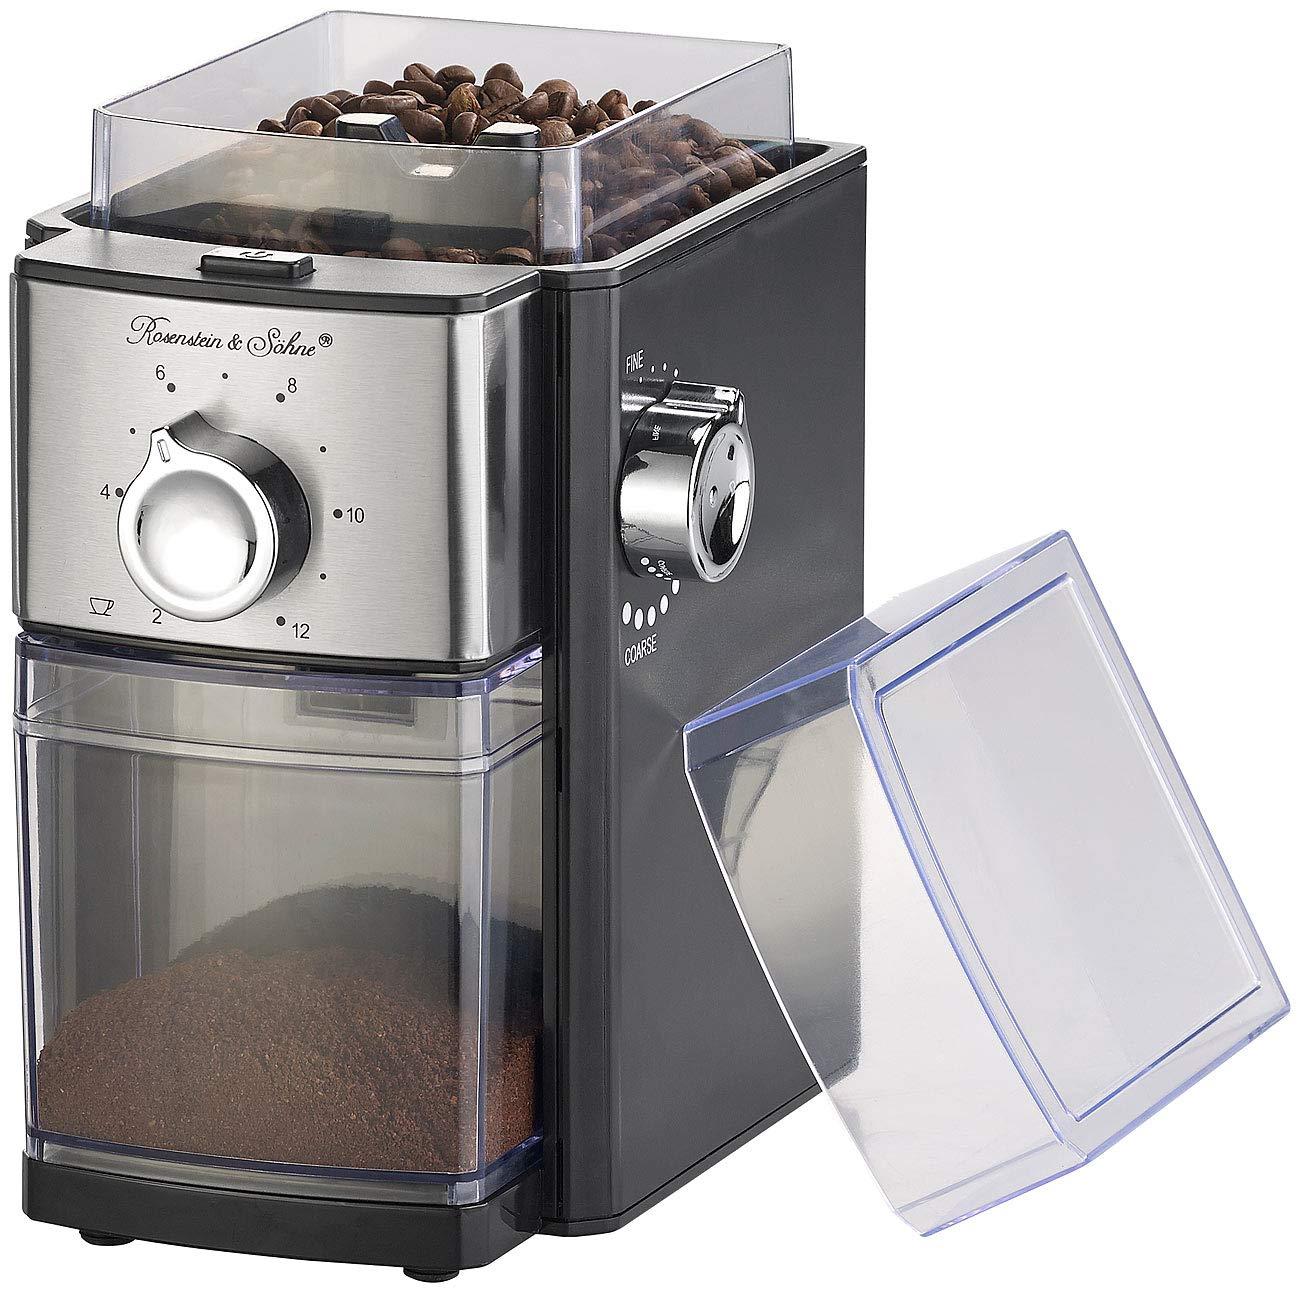 Rosenstein & Söhne Kaffemühlen: Elektrische Kaffeemühle, Scheibenmahlwerk, für 250 g Bohnen, 150 Watt (Espresso-Mühle)